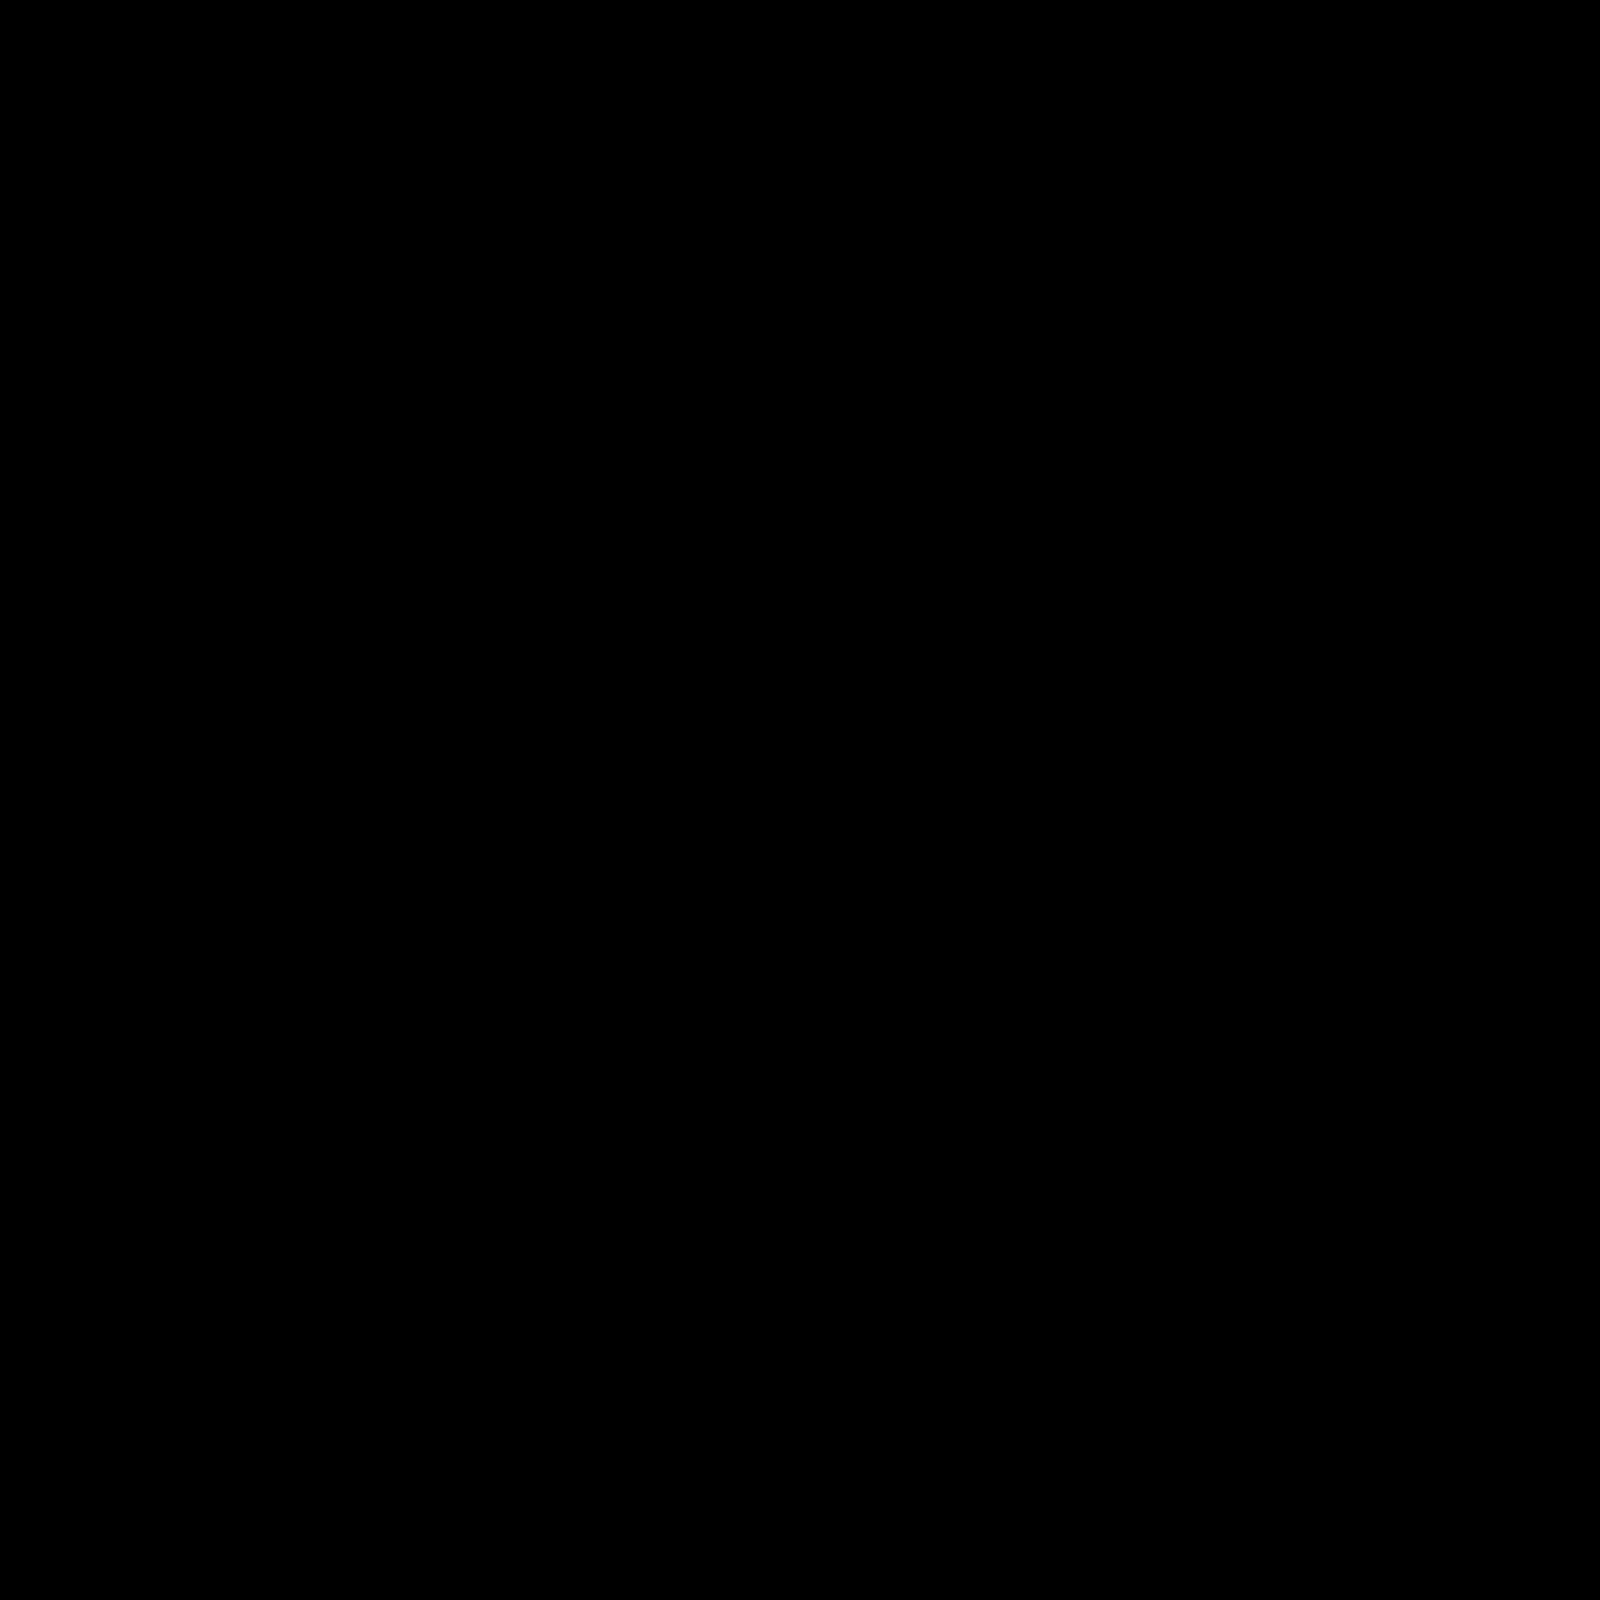 6 Key icon